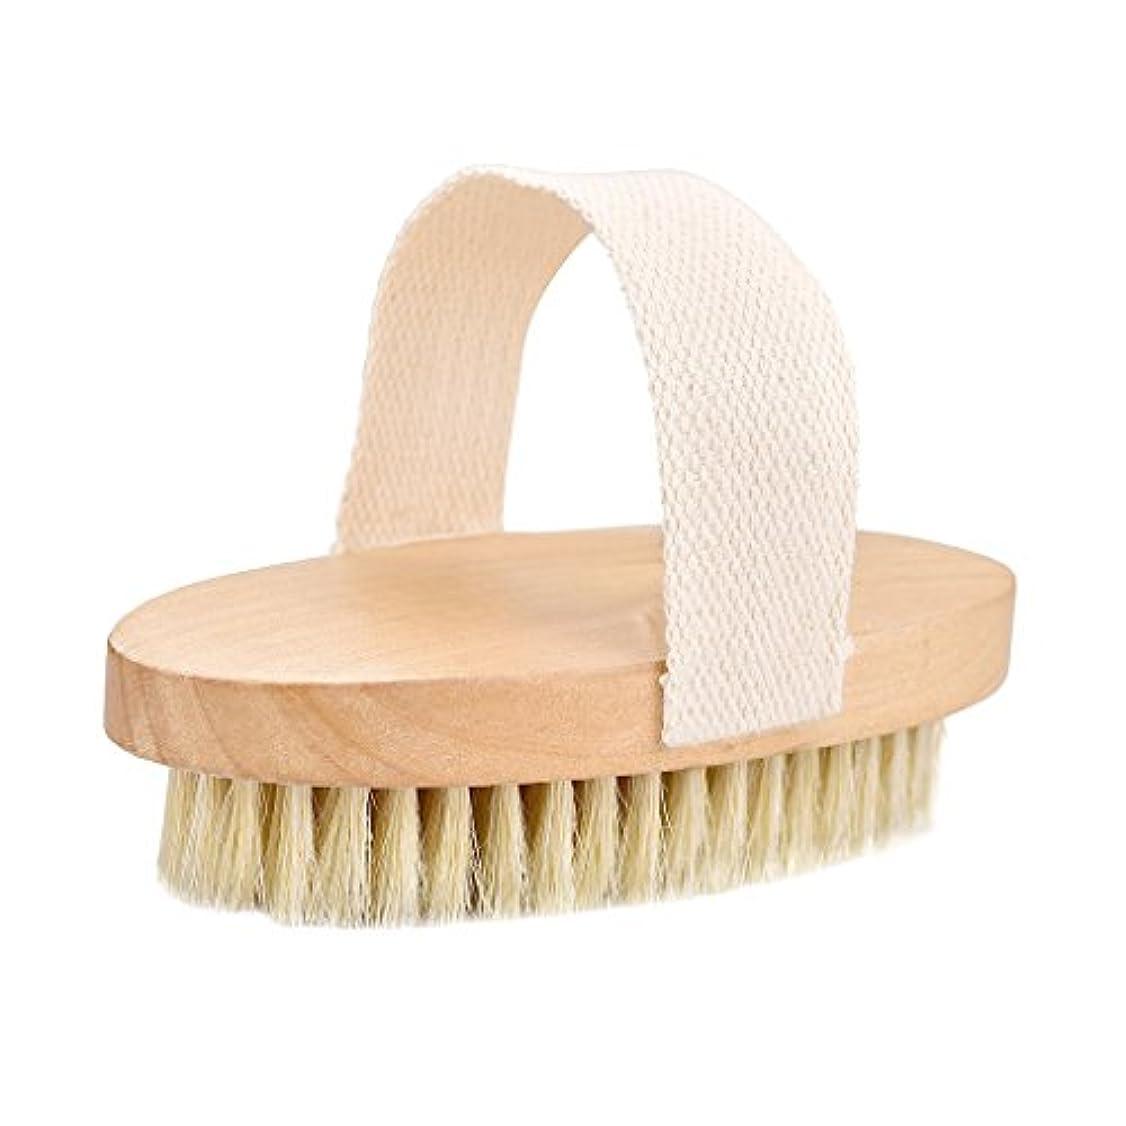 チラチラする車トラクターTumao ボディブラシ 豚毛 ソフト 背中 お風呂用 角質除去 全身マッサージ 血行促進 体洗いブラシ バスグッズ